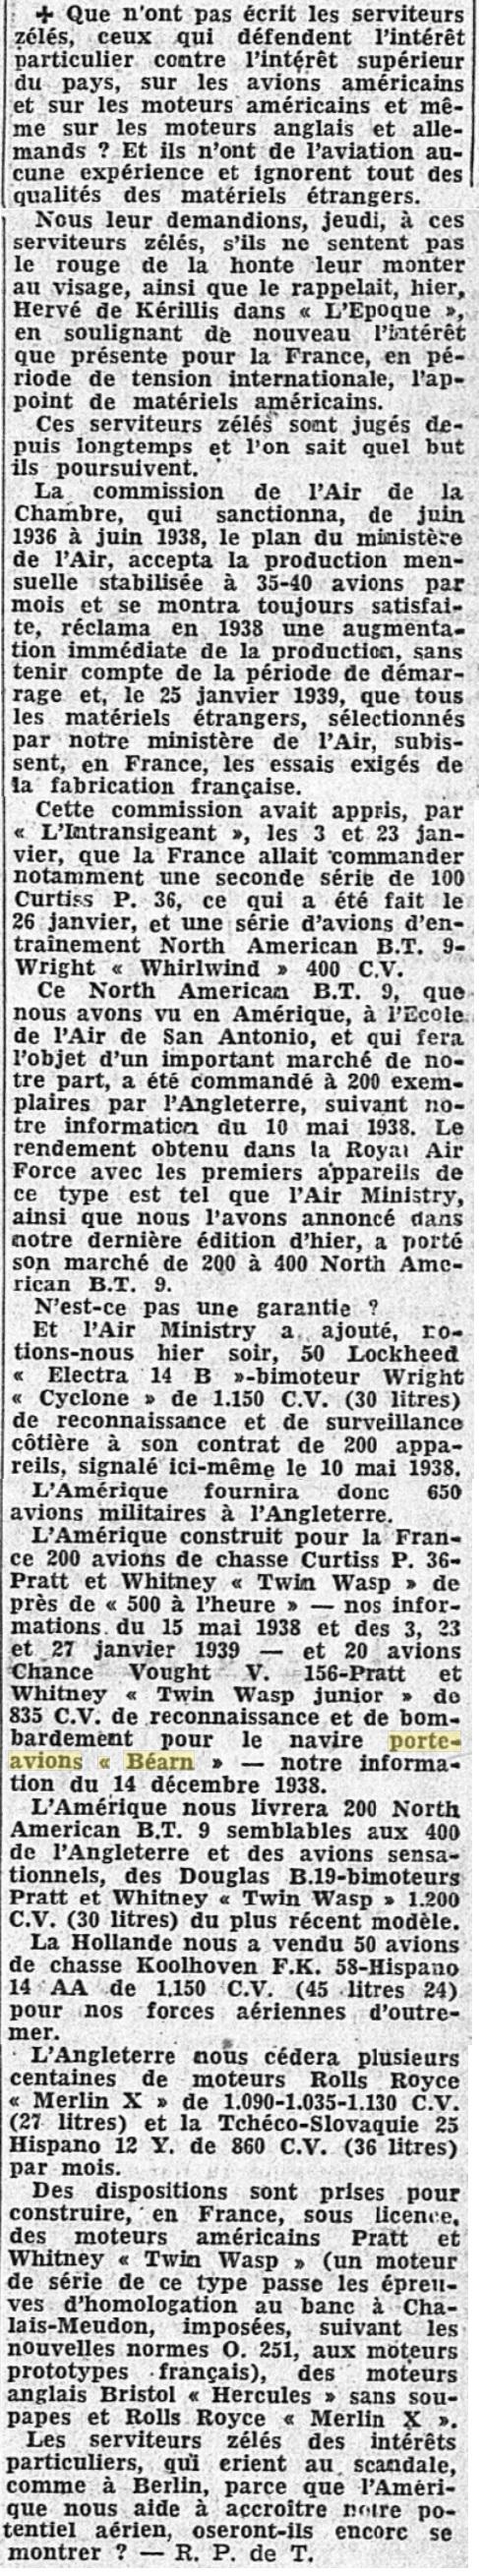 Commandes françaises aux Etats-Unis - Page 4 19390219